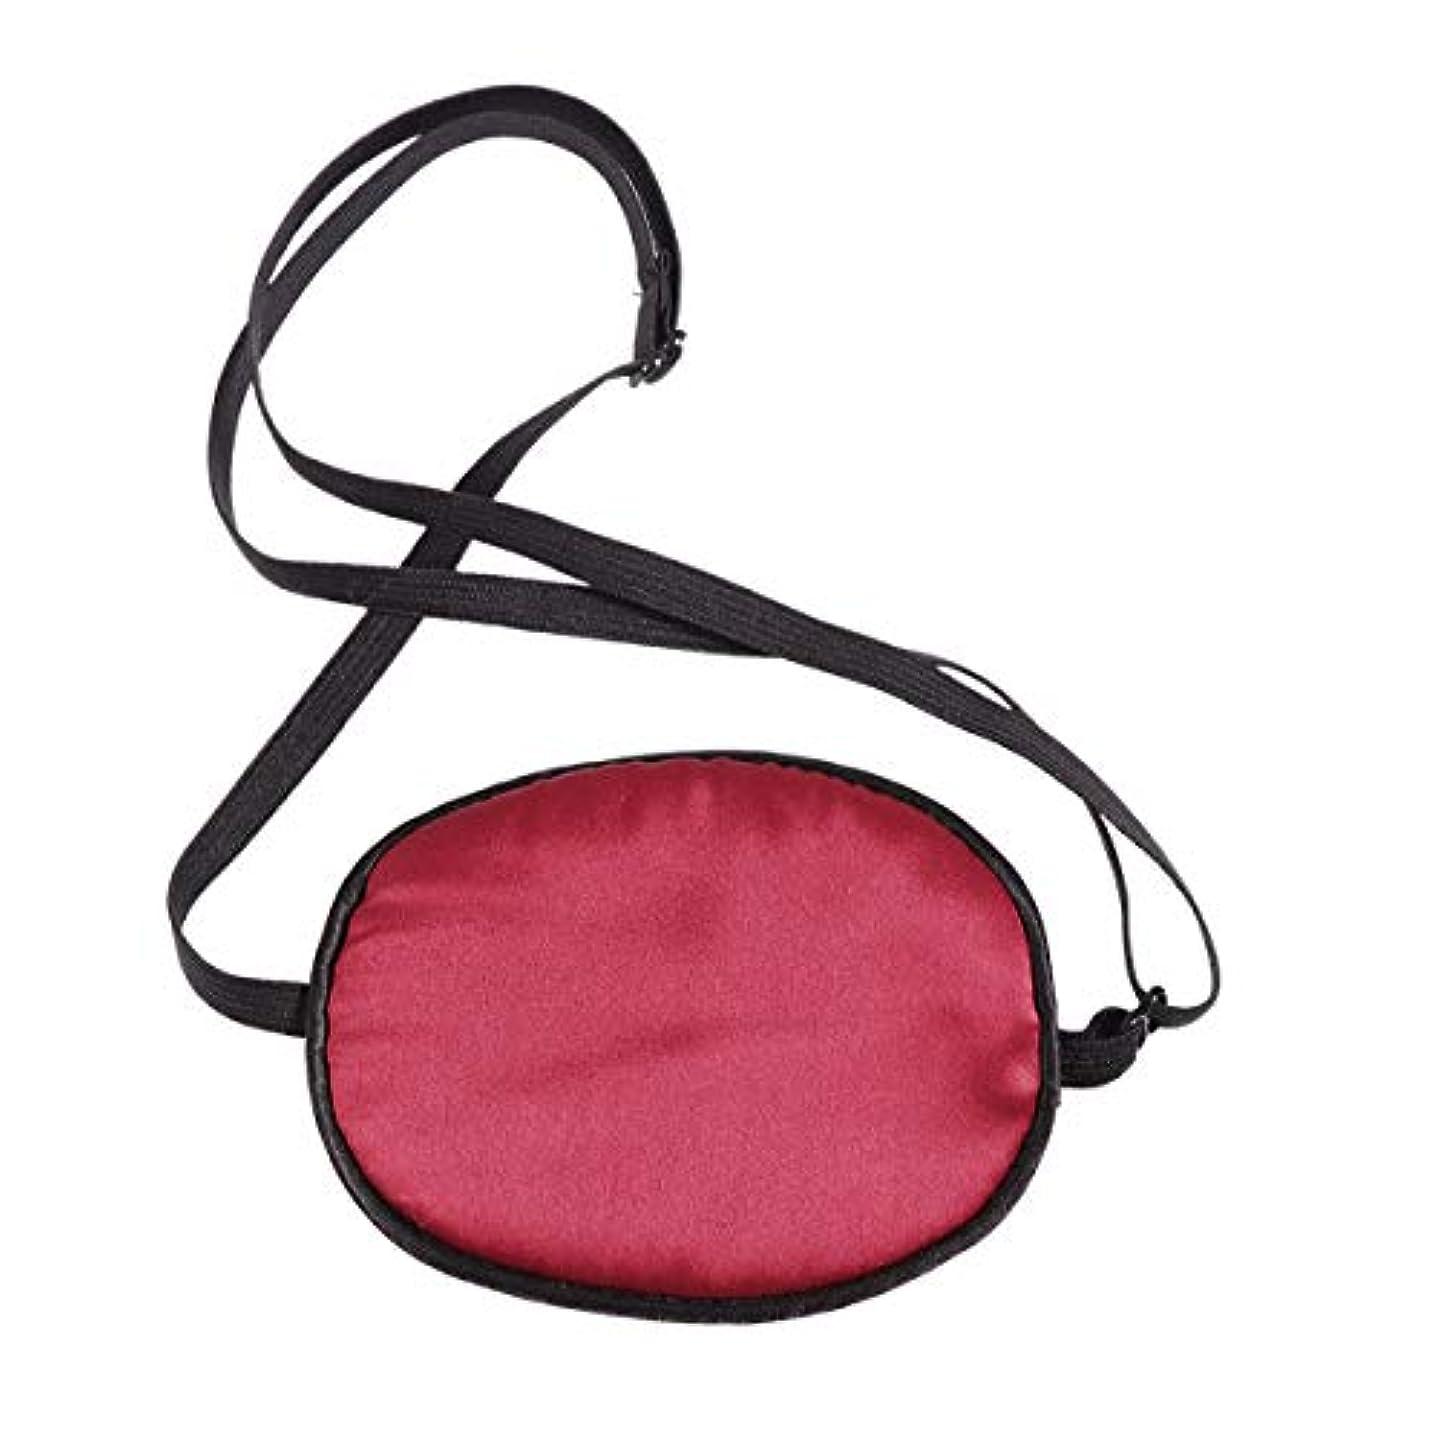 ログ妊娠した罪悪感HEALIFTY 睡眠の目隠し調節可能な絹の海賊目のパッチ子供の弱視のためのソフトで快適な単一の目のマスク正面の怠惰な目